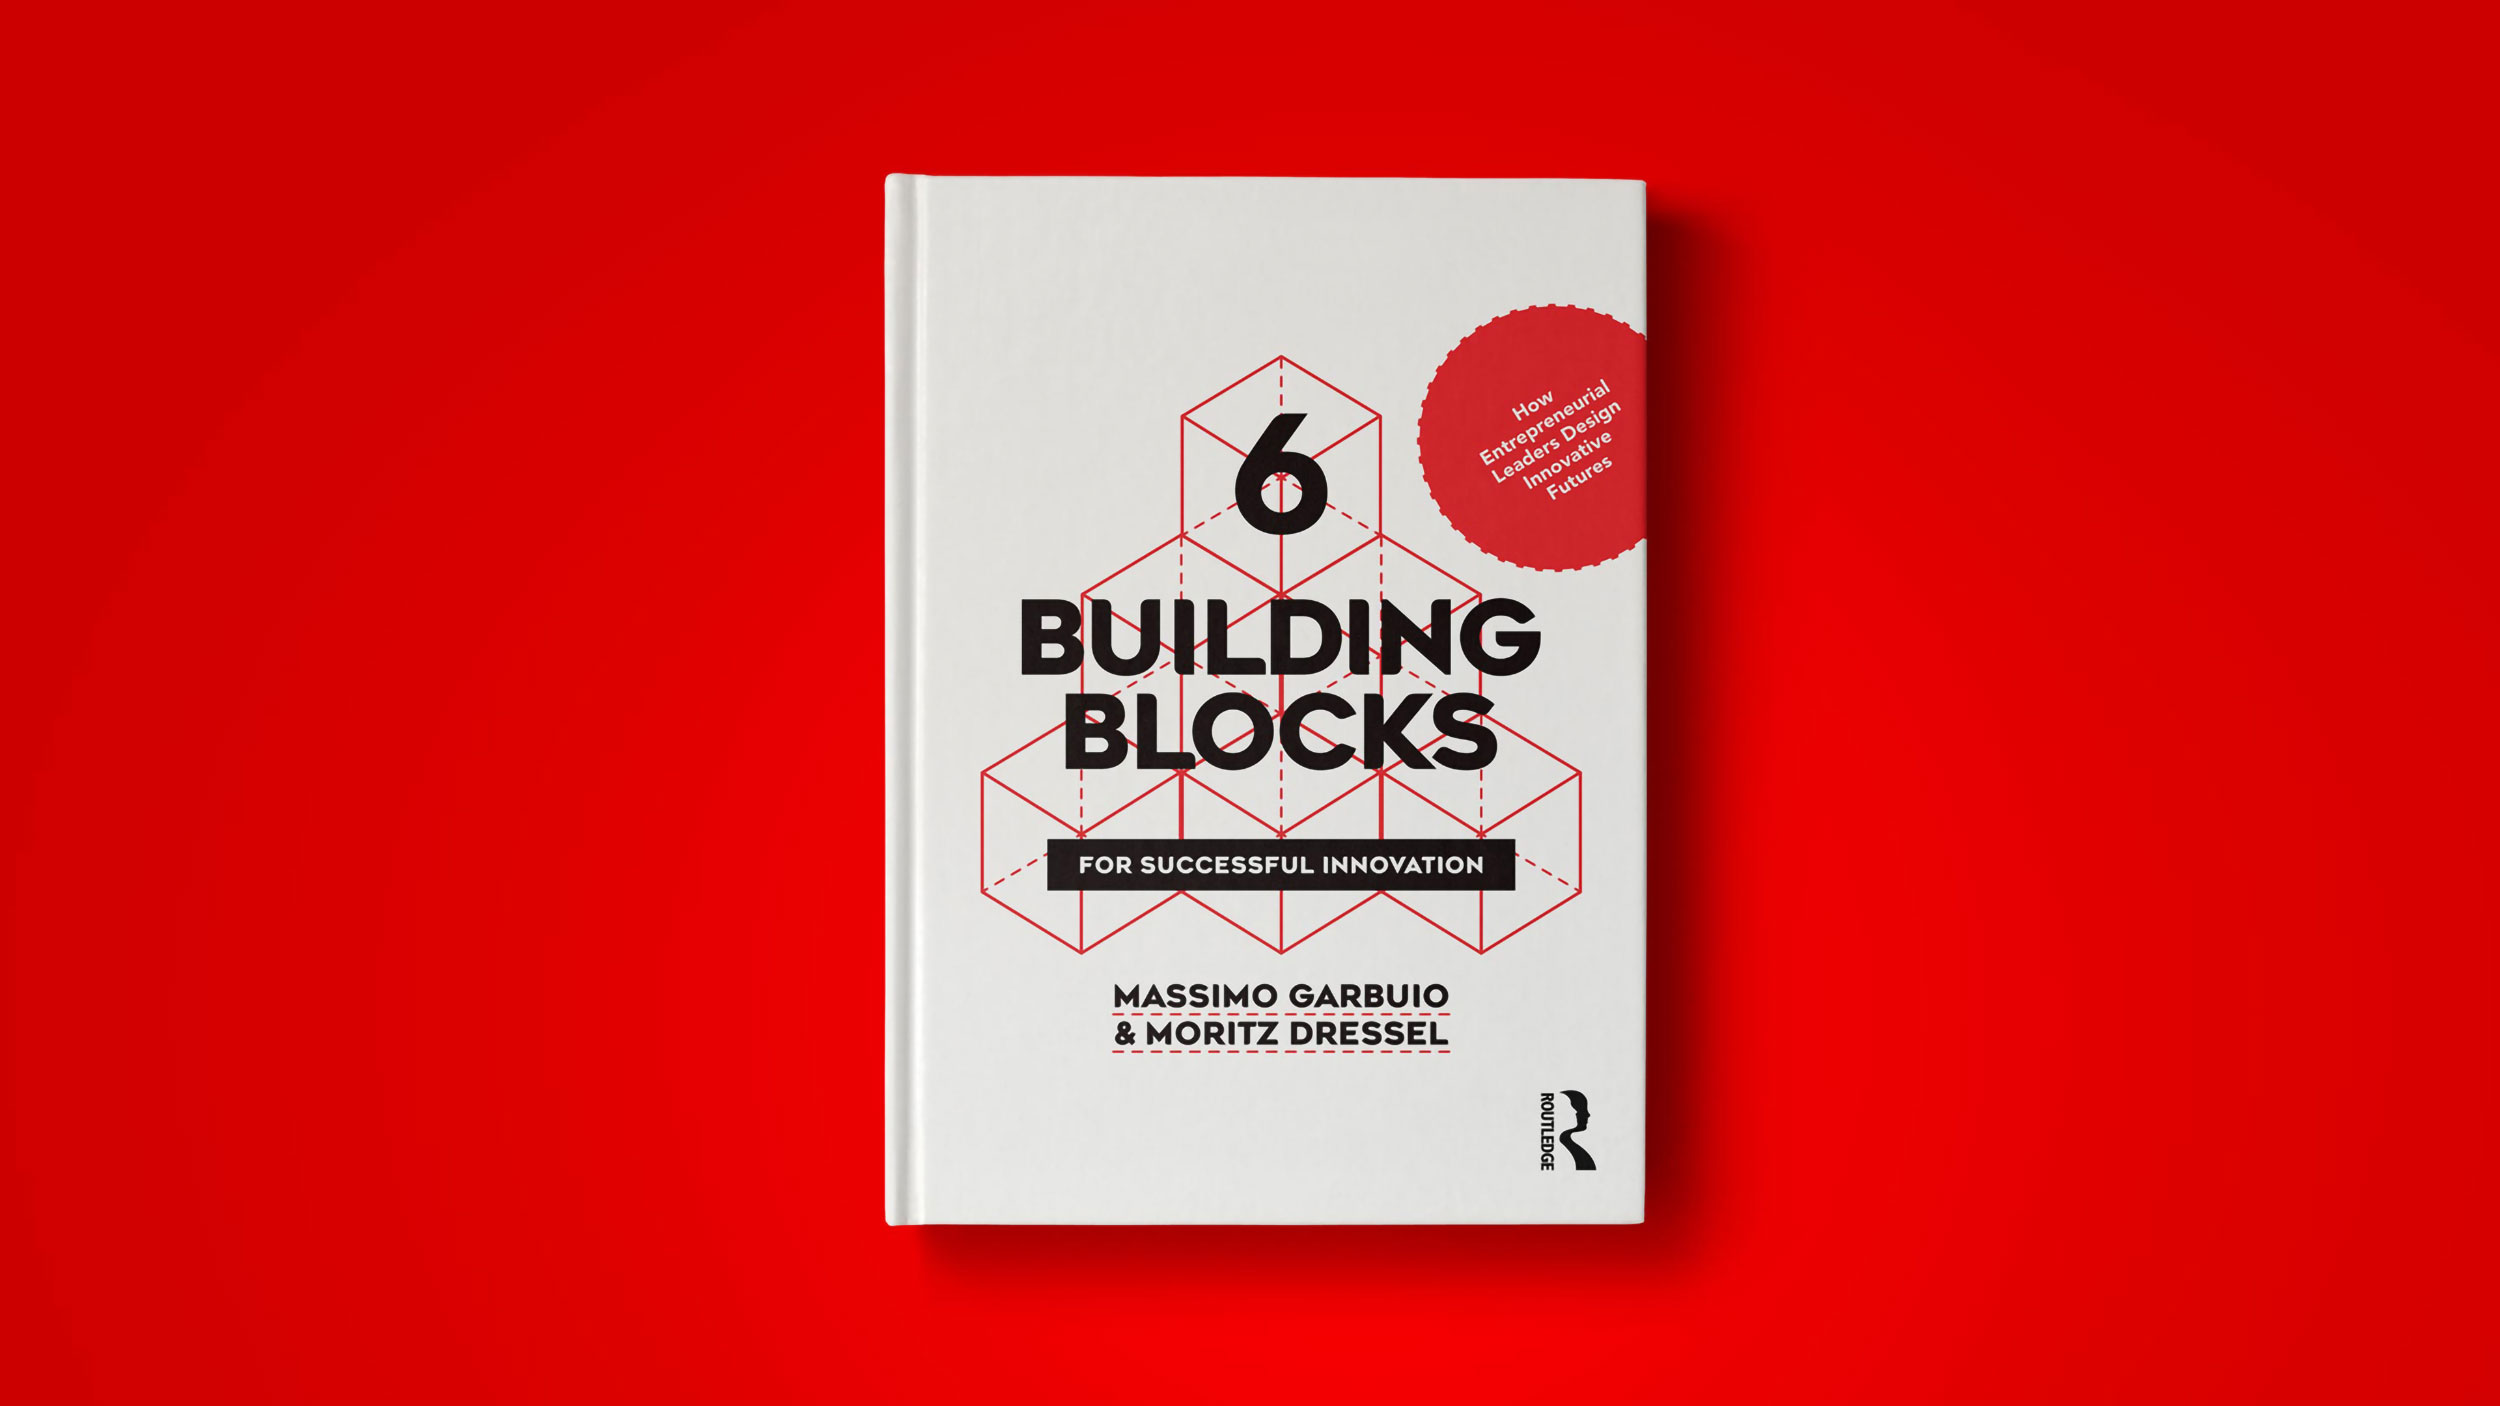 6-Building-Blocks-Book-Cover_Homepage.jpg